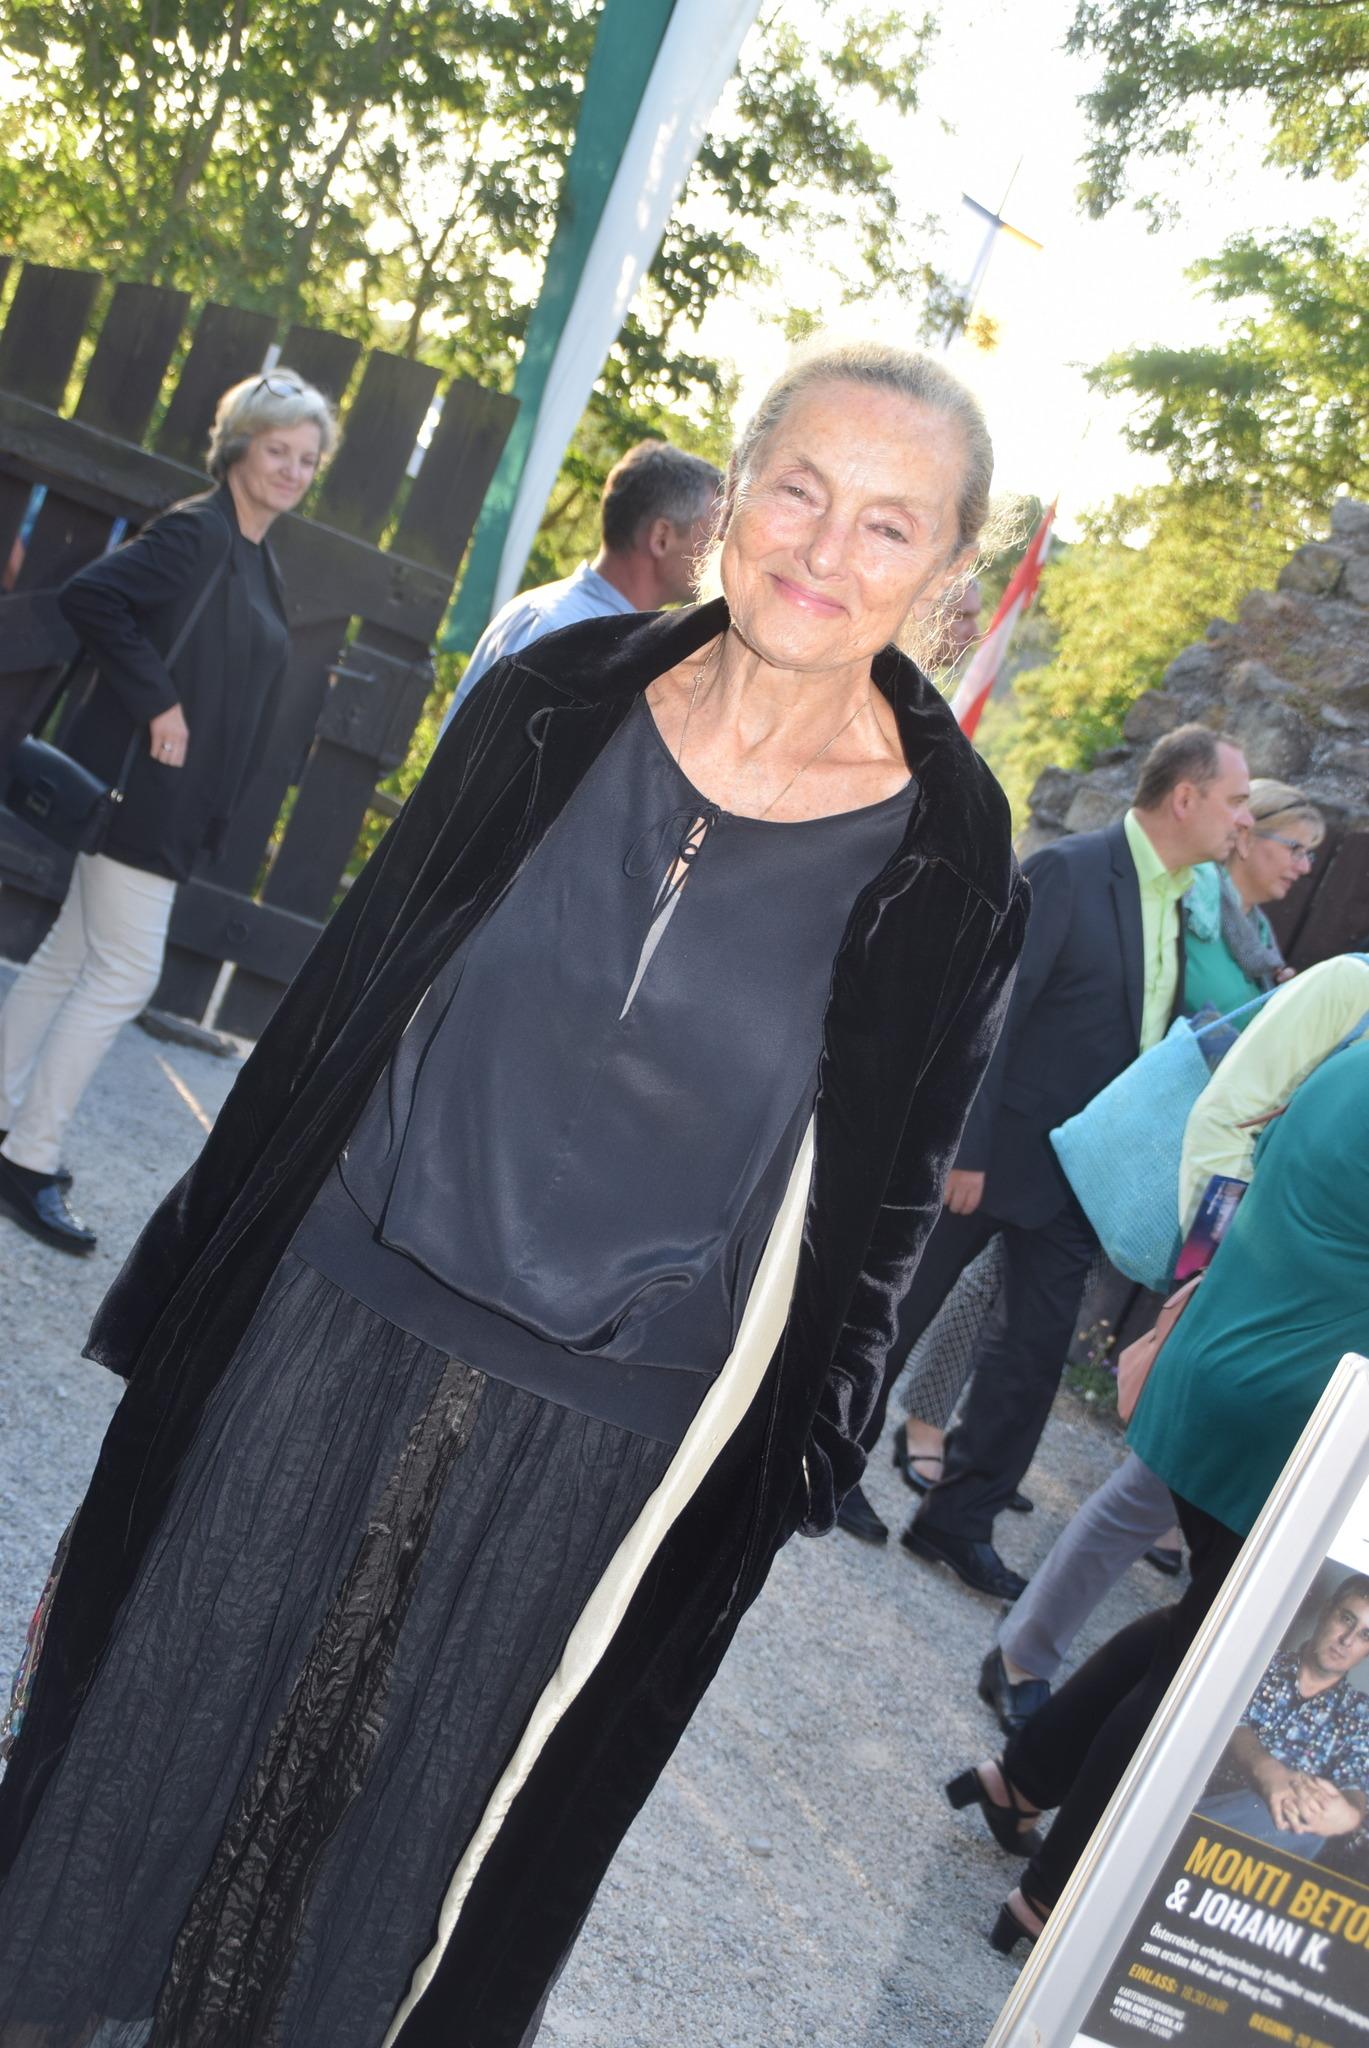 Ehrlich: Schaut diese Frau aus wie 90? - Horn